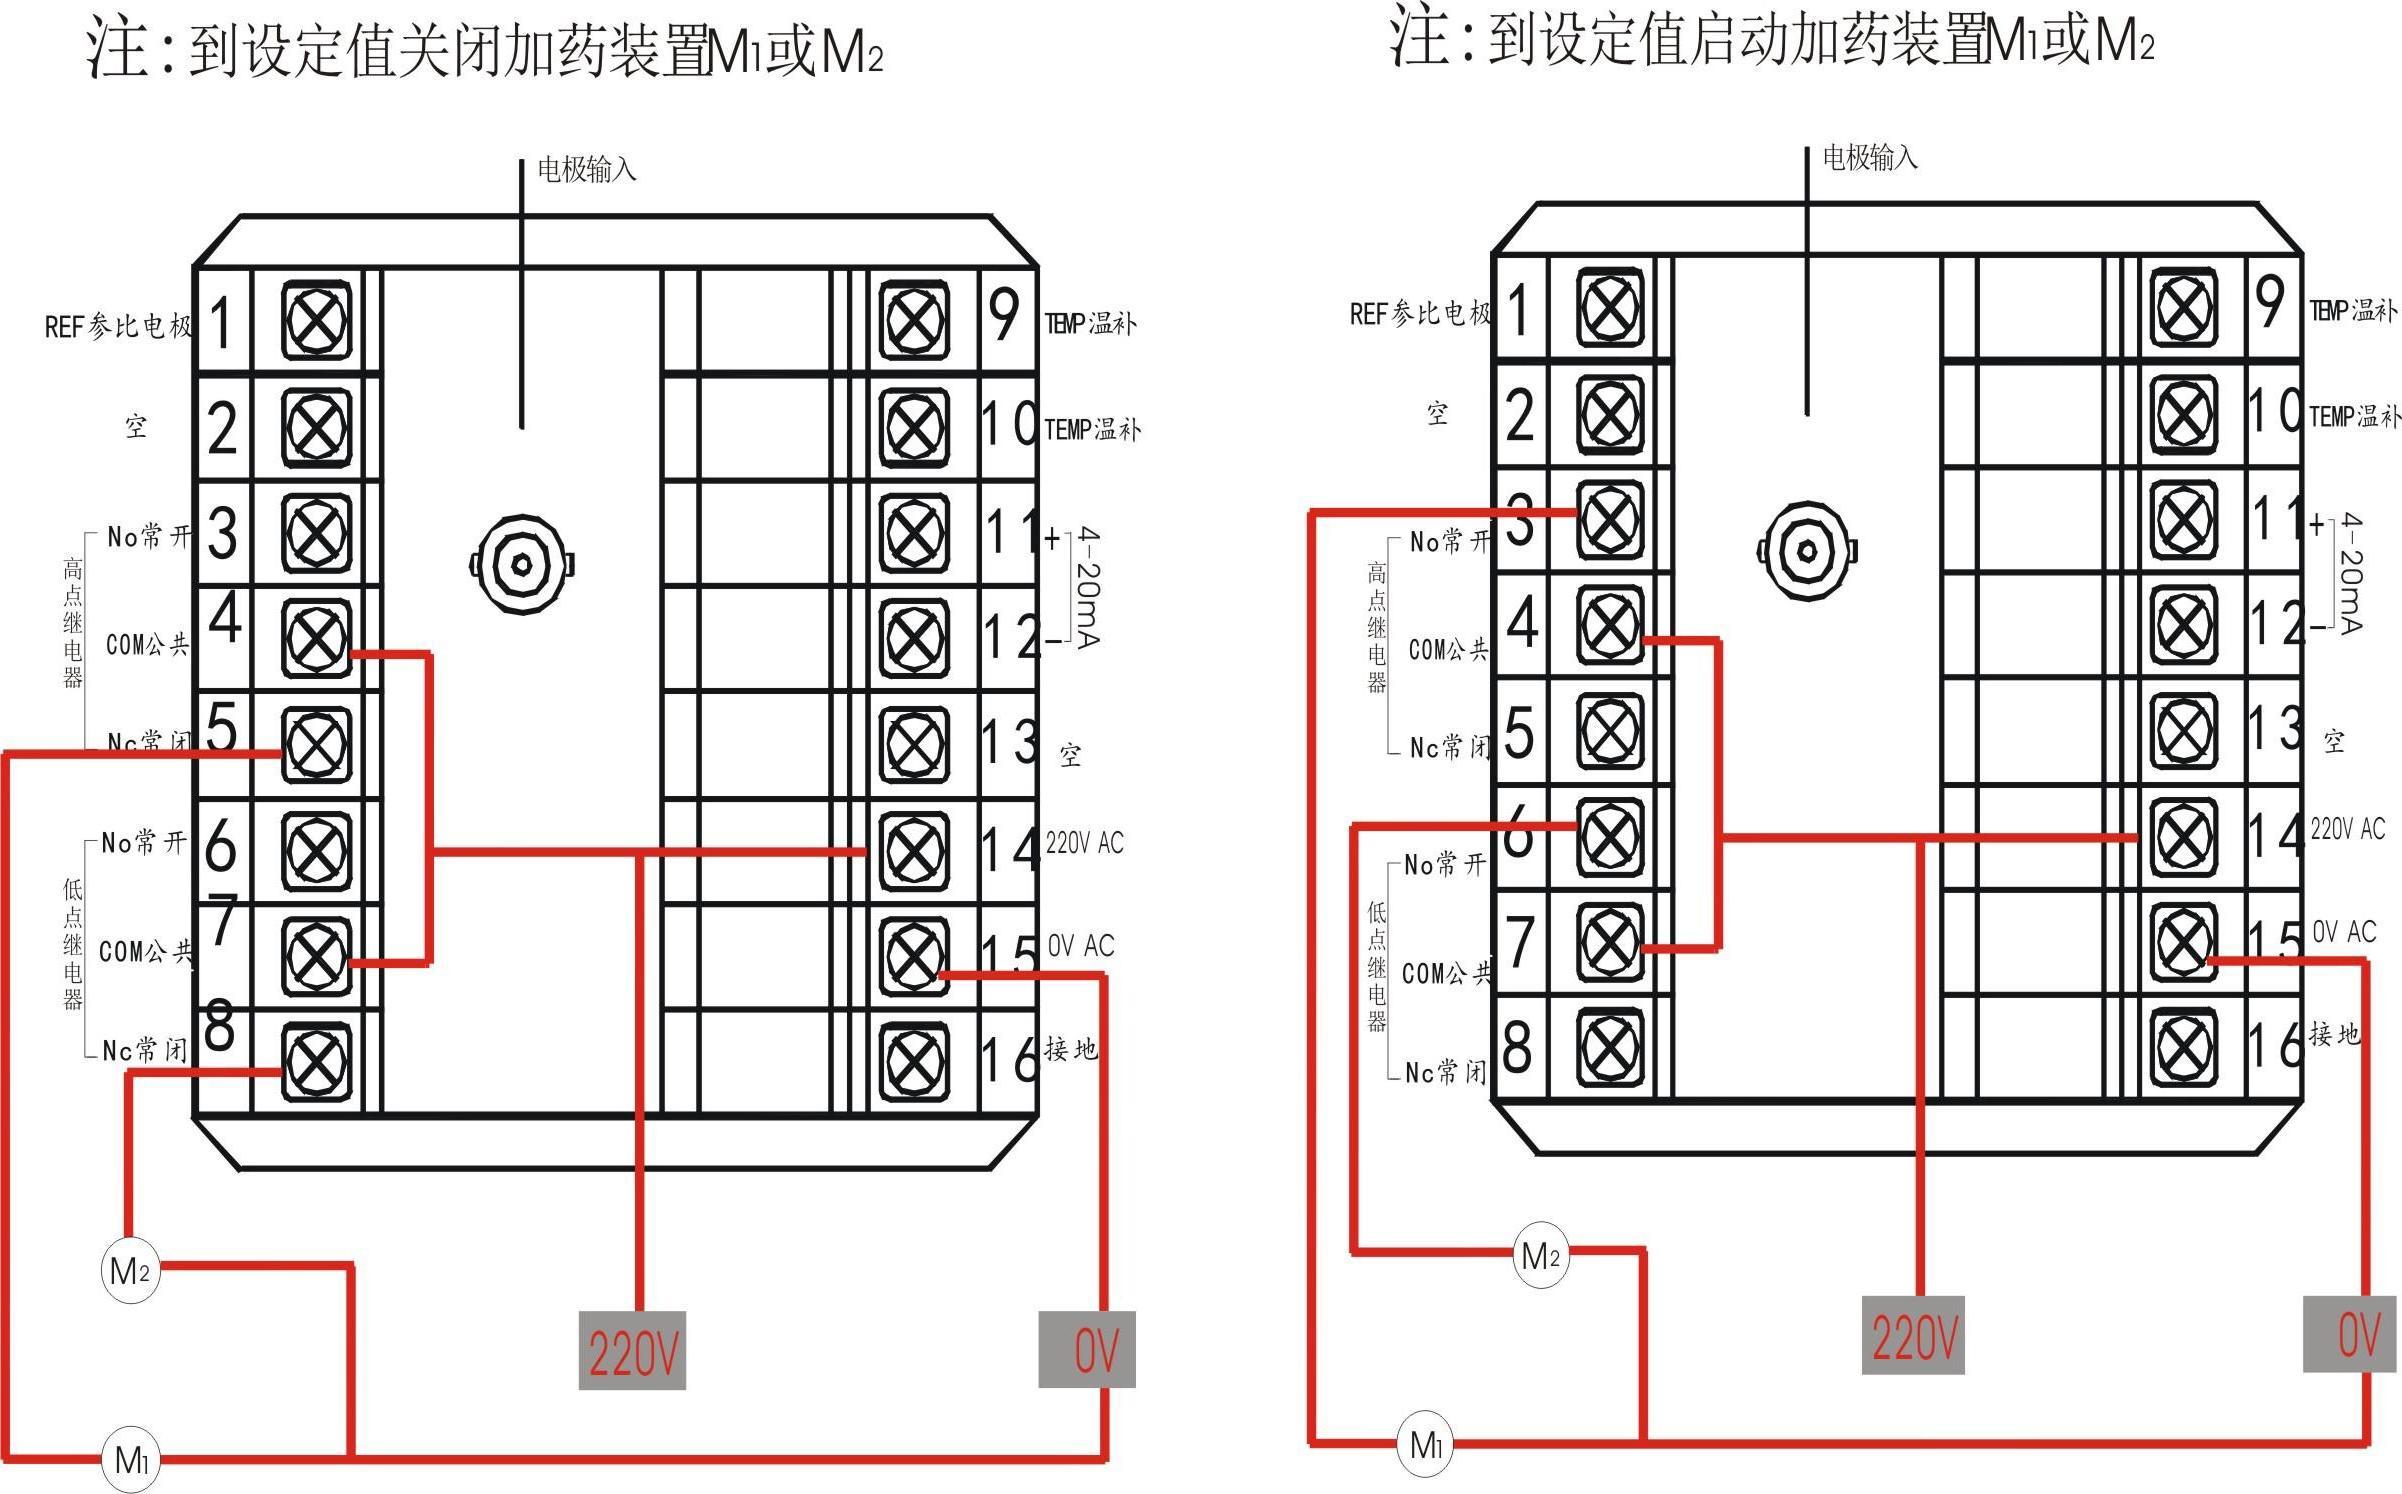 本系统可由用户直接接上电磁阀或加药泵实现对ph的自动实时测量监控